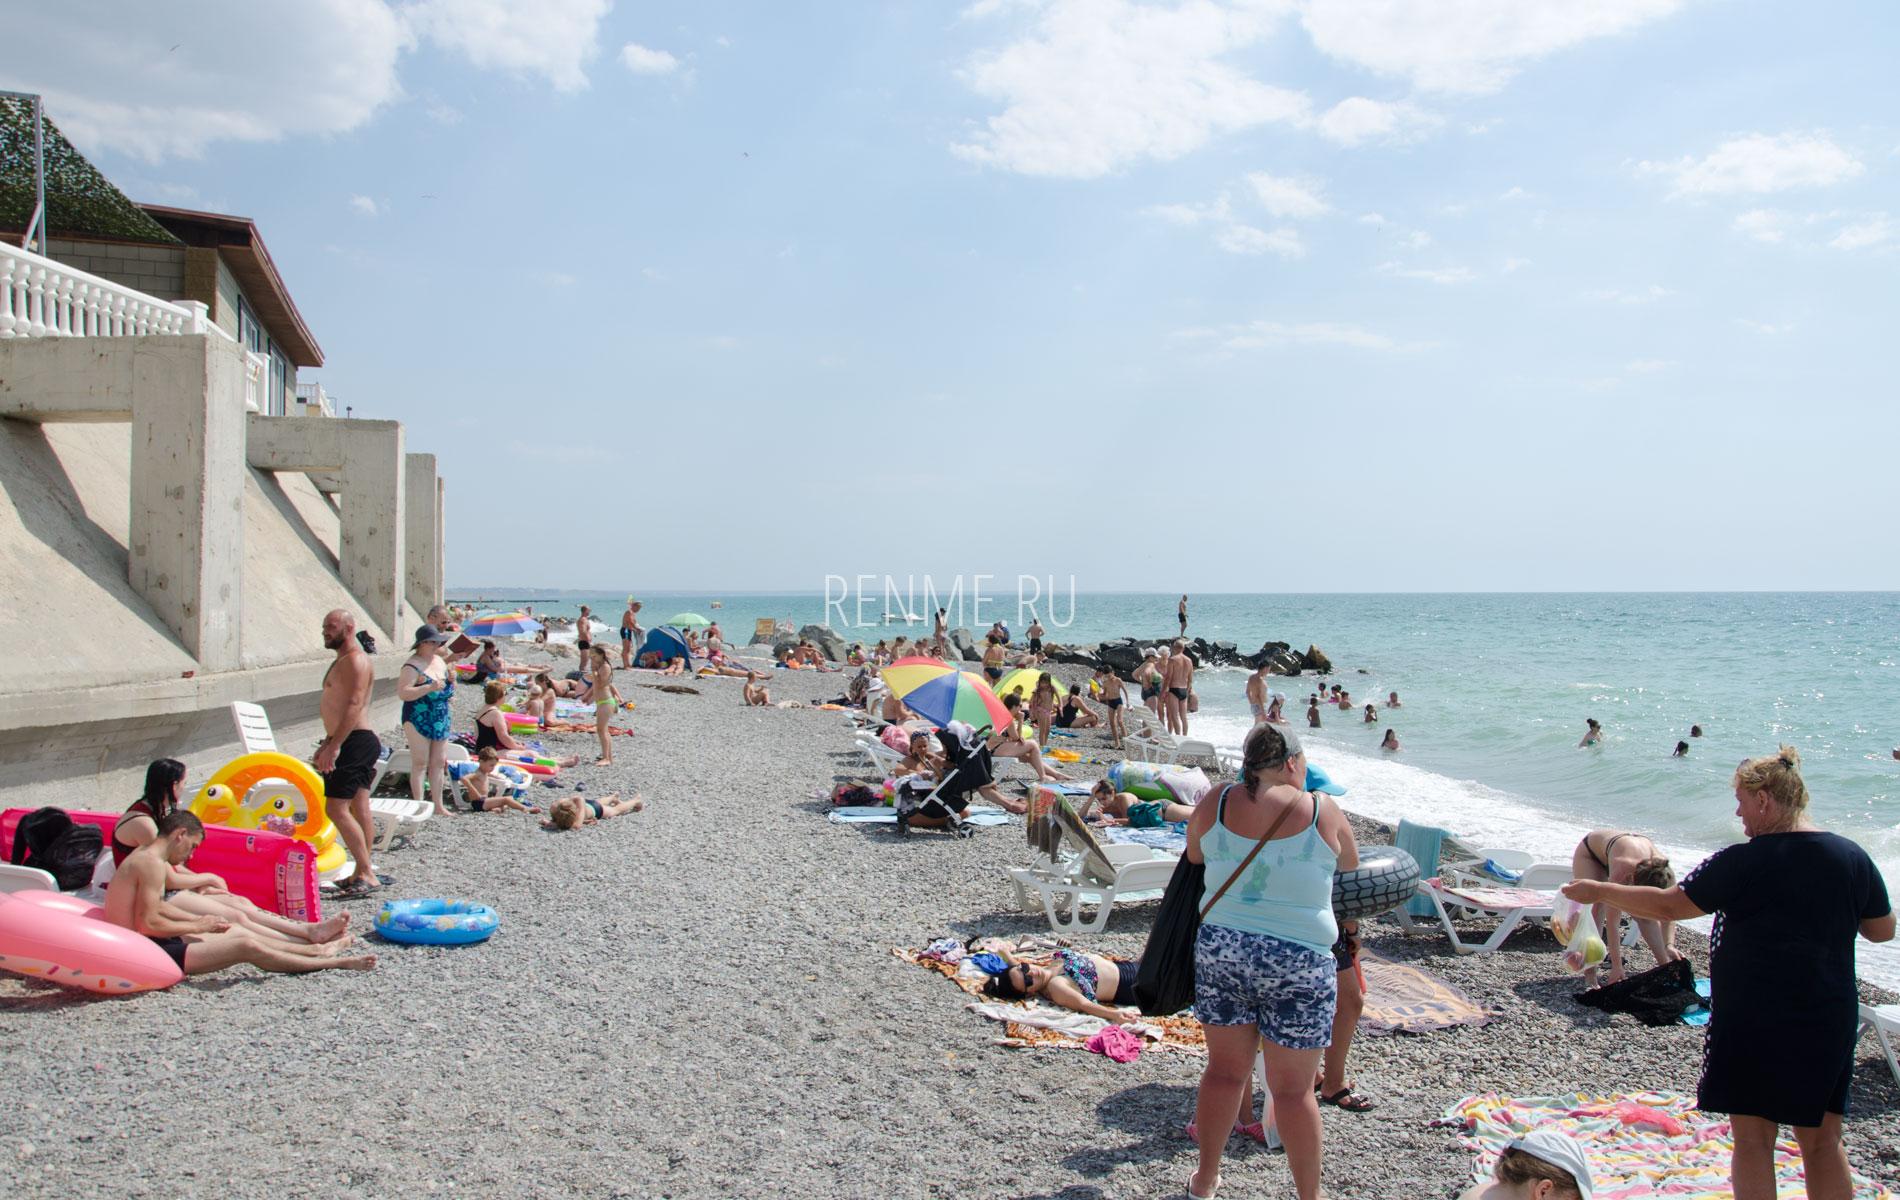 Крымский пляж сейчас 2019. Фото Николаевки